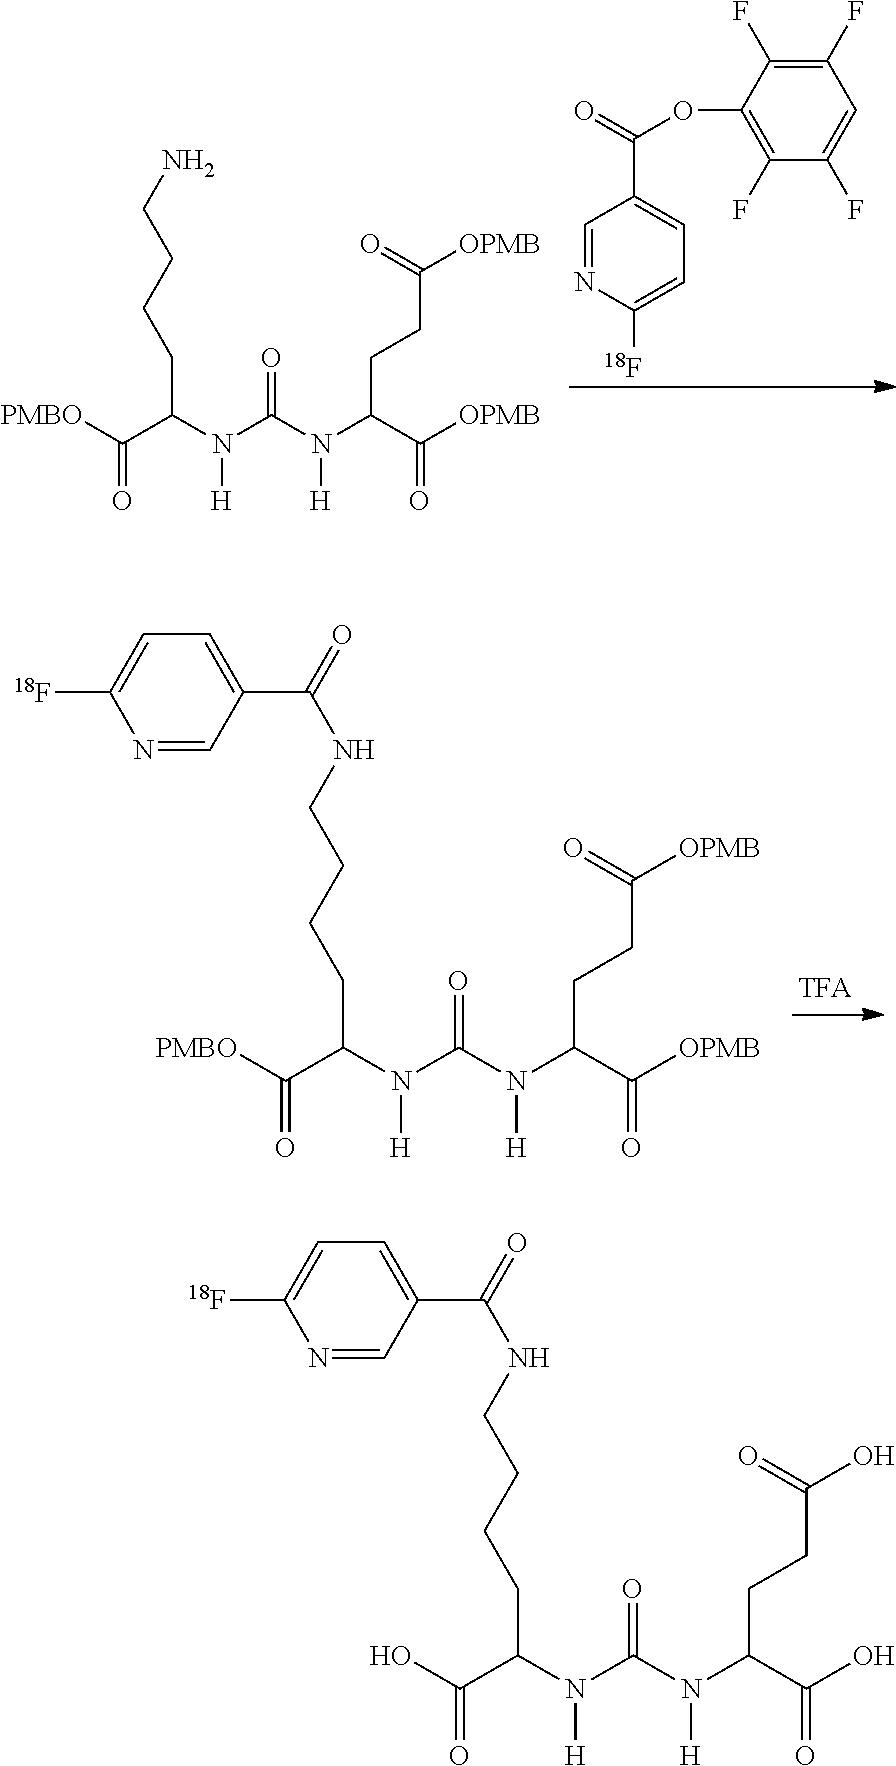 Figure US08778305-20140715-C00026